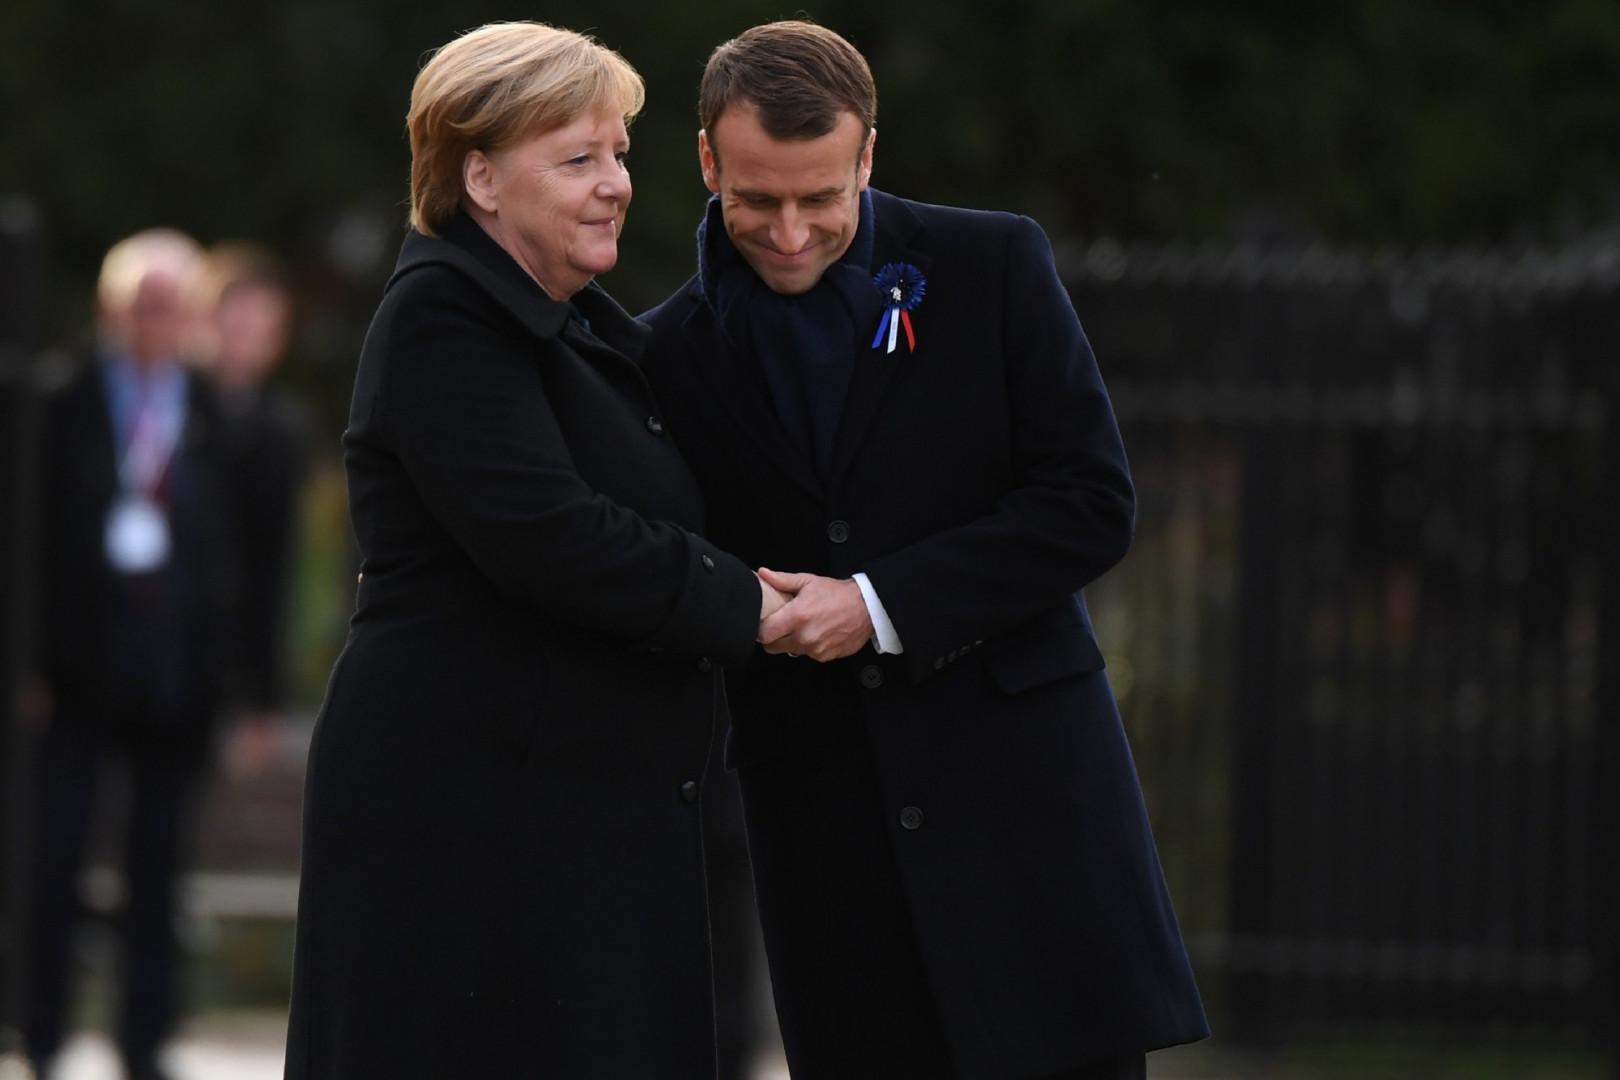 Angela Merkel et Emmanuel Macron le 10 novembre 2018